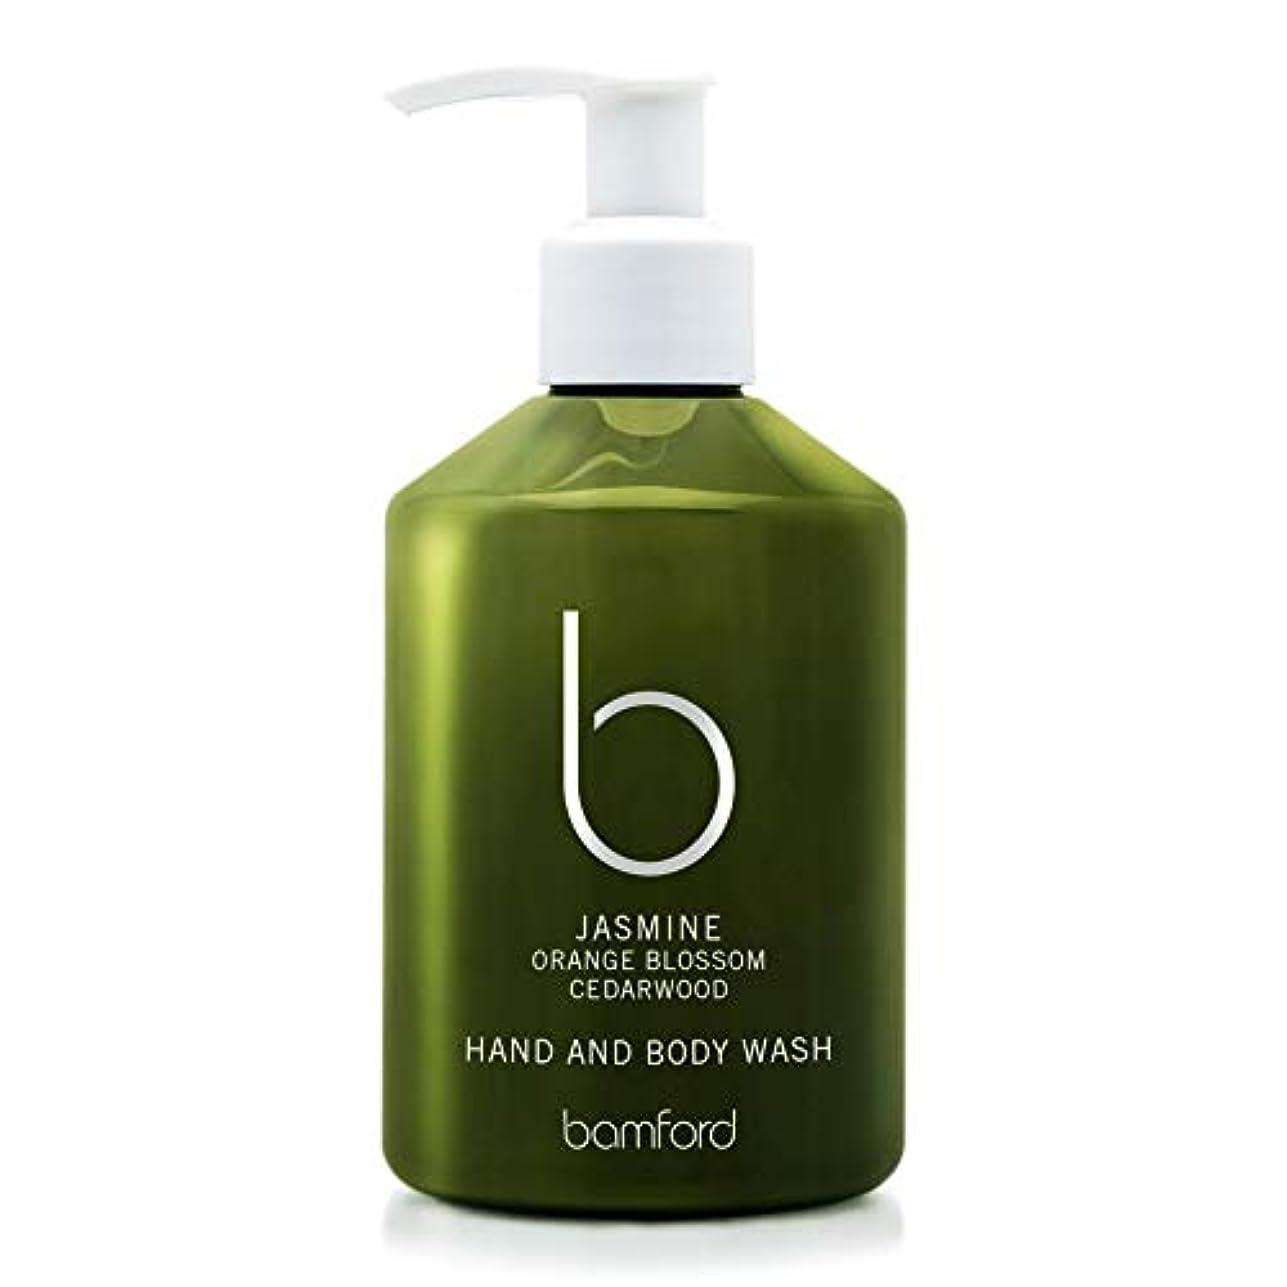 ムスタチオバレルヨーグルト[Bamford ] バンフォードジャスミンの手とボディウォッシュ250ミリリットル - Bamford Jasmine Hand and Body Wash 250ml [並行輸入品]